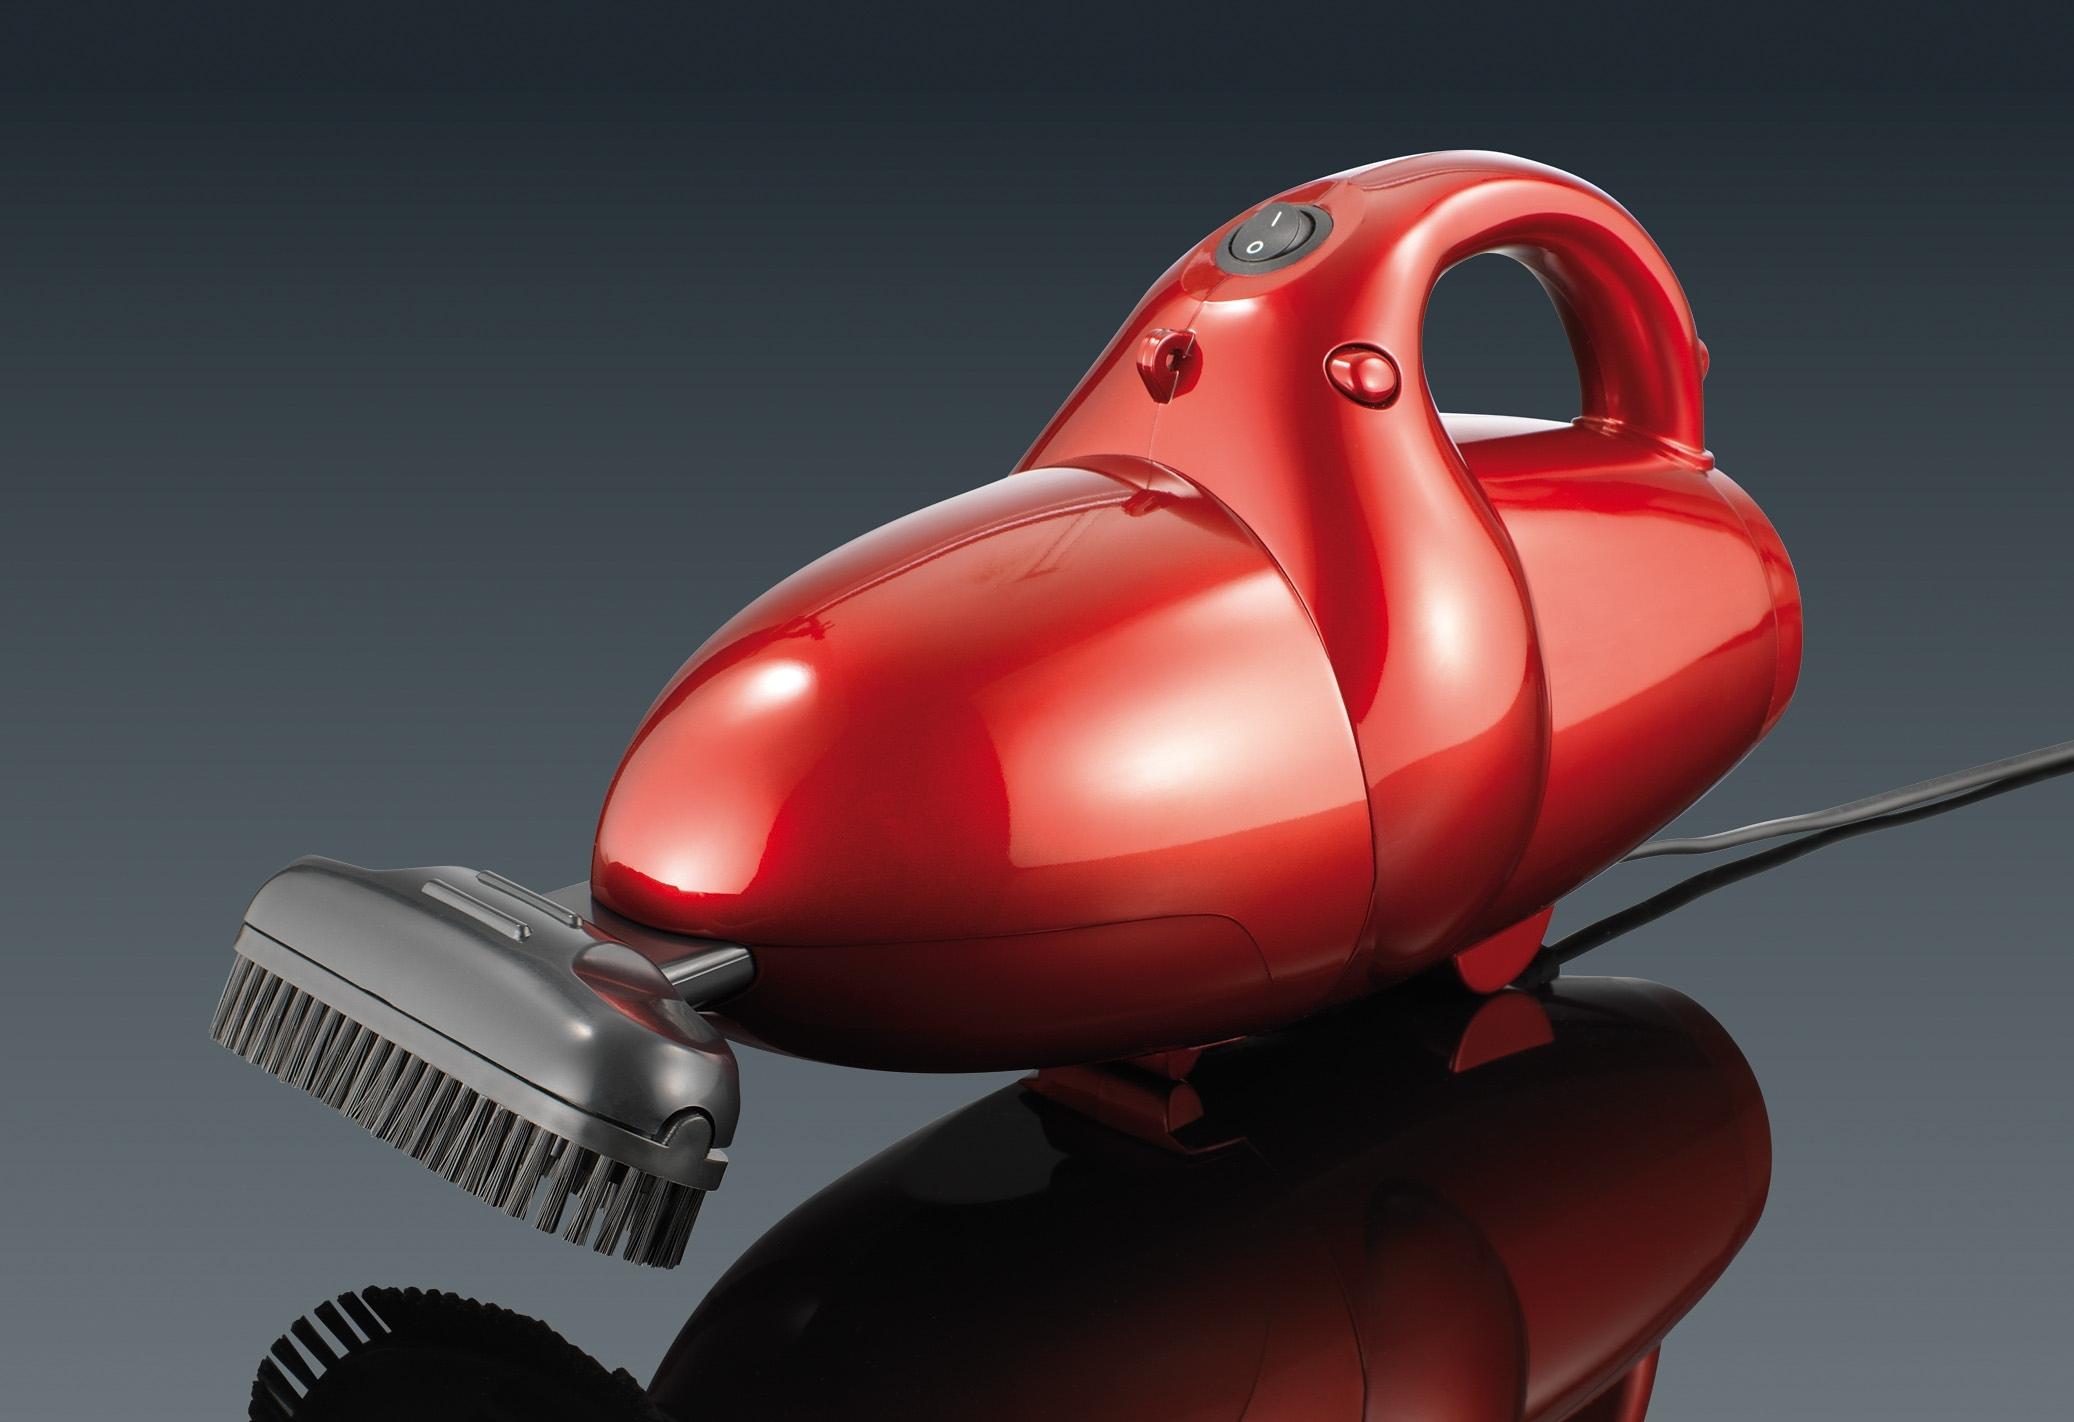 CLEANmaxx Kruimeldief 2-in-1 power plus voordelig en veilig online kopen